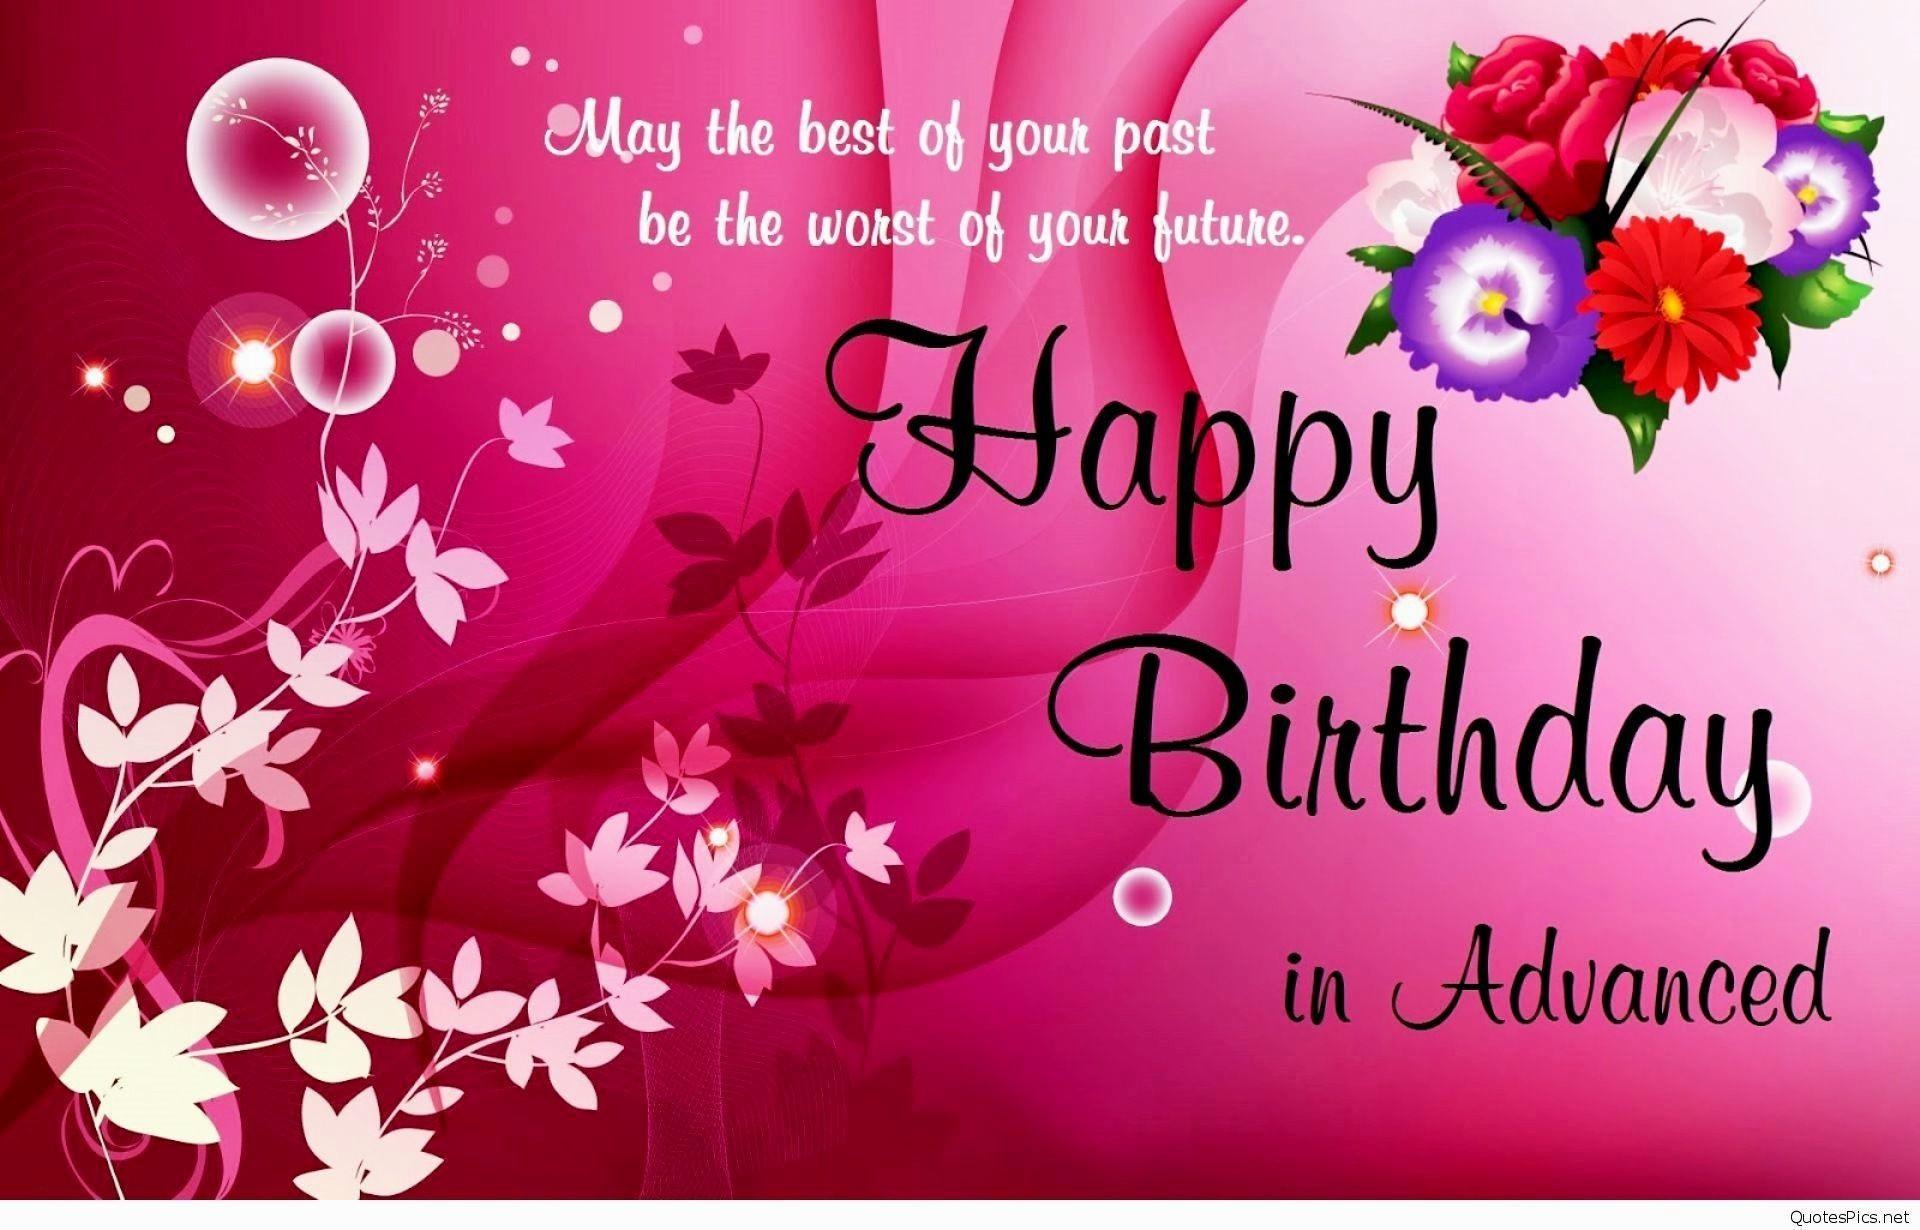 Lustige Geburtstagskarten Für Frauen Kostenlos  Lustige Animierte Geburtstagskarten Kostenlos Versenden